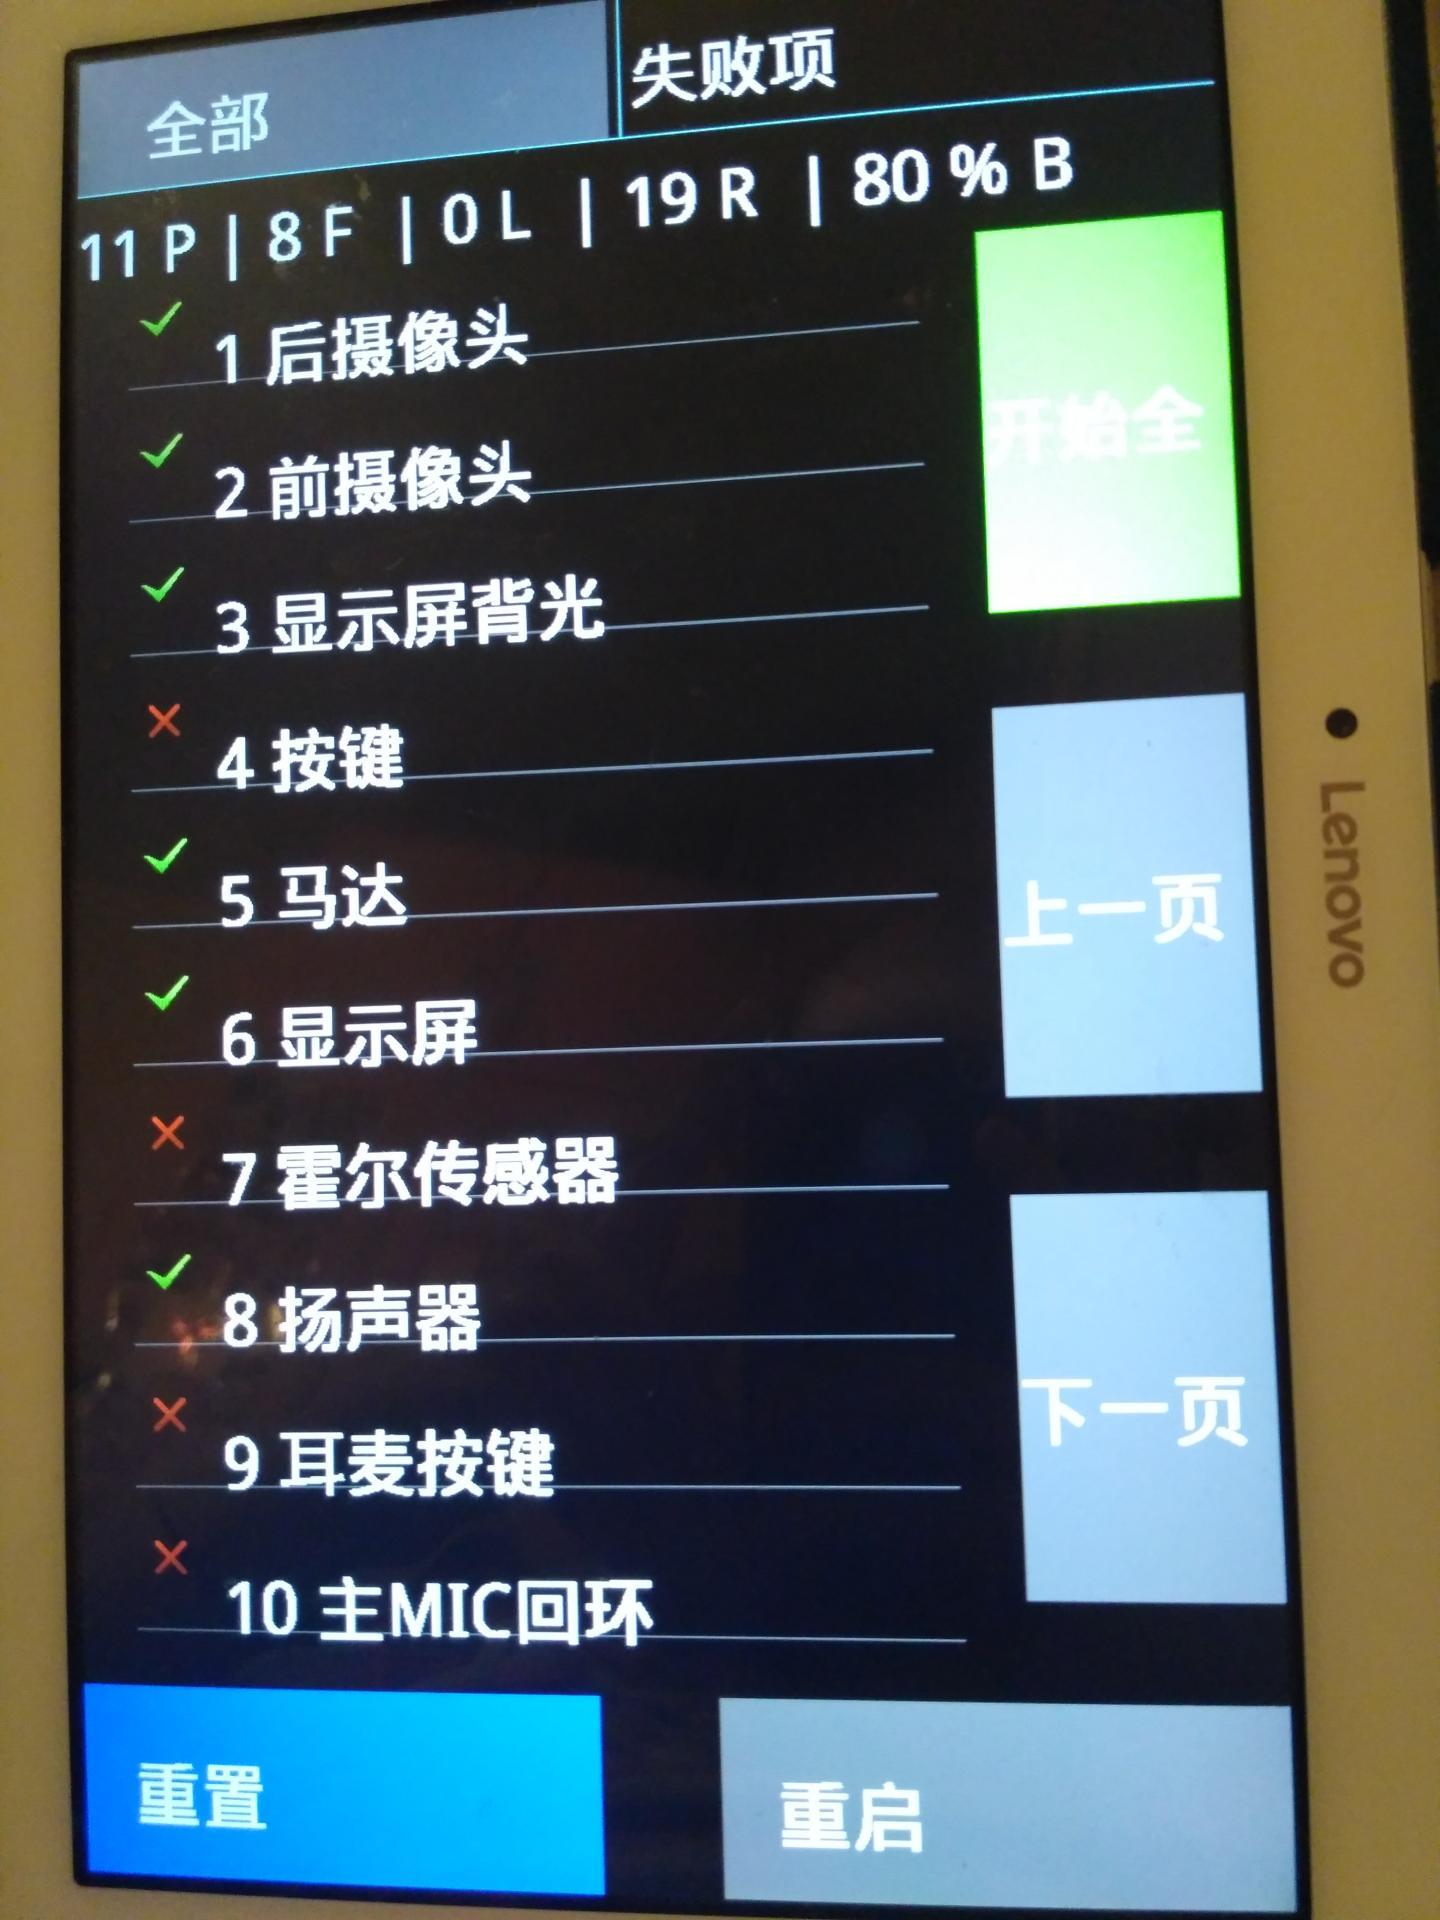 ПРаншет не вкРючается даРьше заставки Lenovo Tab 2 A10 30